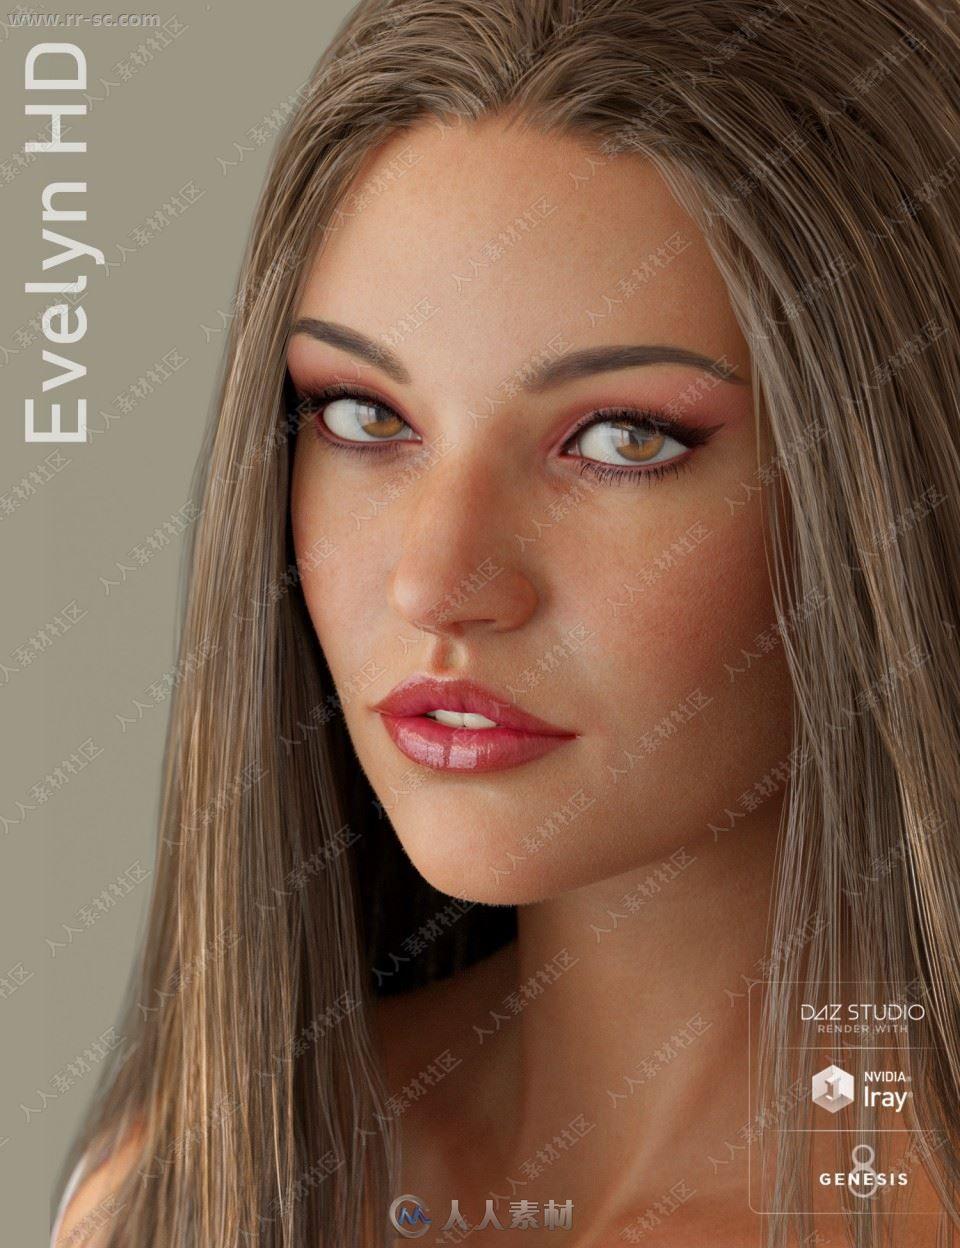 美丽模特身材长发女孩多组妆容发色造型3D模型